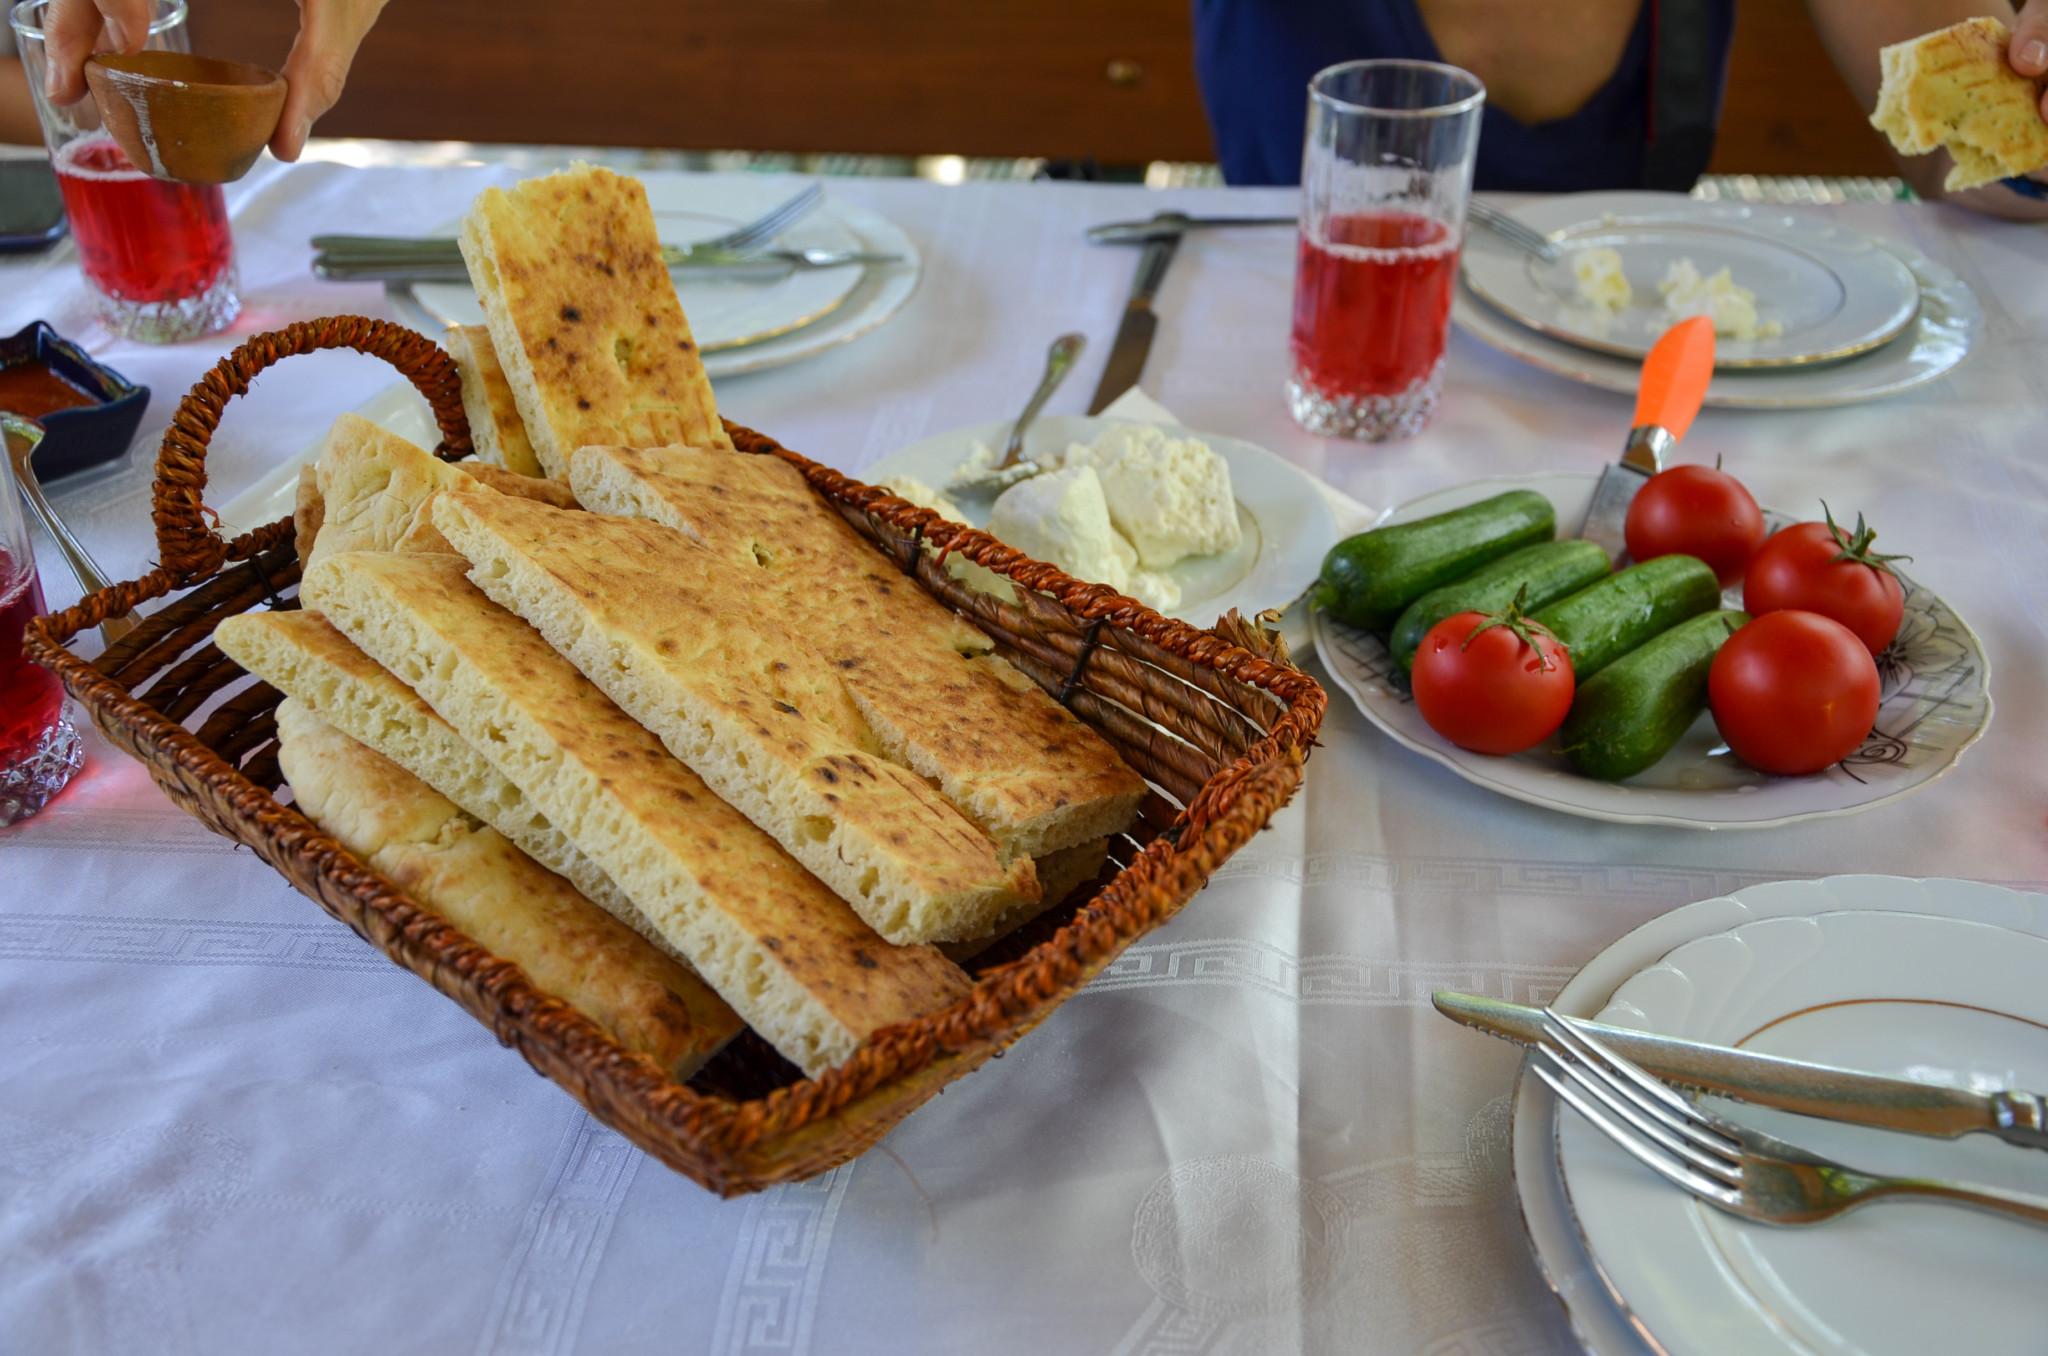 Frühstück in Aserbaidschan